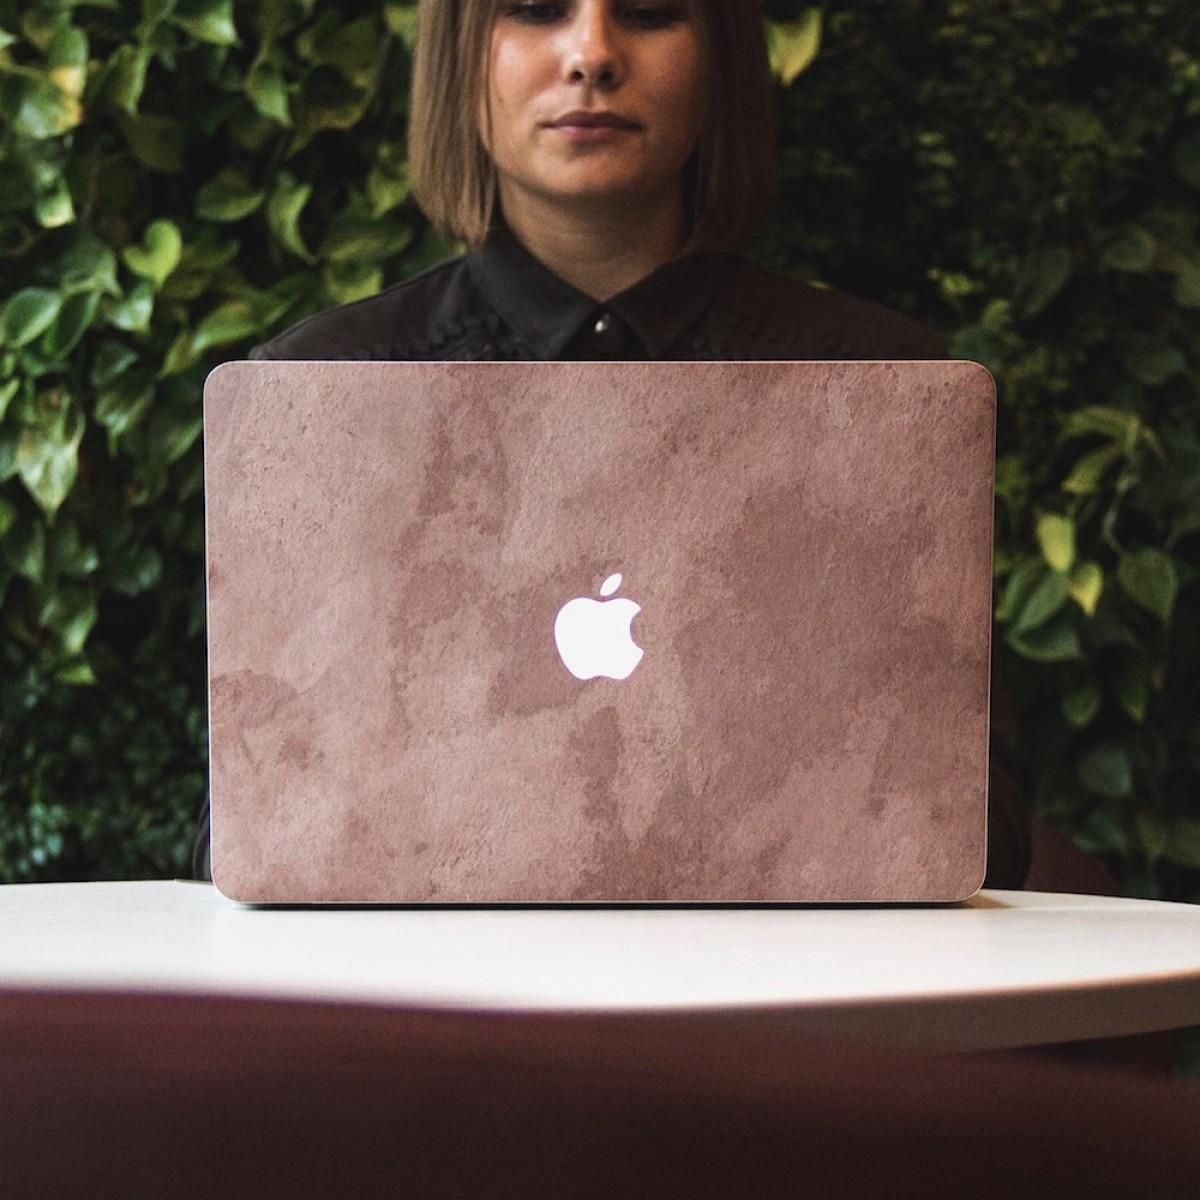 """Woodcessories - EcoSkin Stone - Design Apple Macbook Cover, Skin, Schutz für das Macbook aus hochwertigem Stein (Macbook Air (2018) / 13"""" Pro / Pro Touchbar (from 2016), Volcano Schwarz, Camo Grau, Antik Weiß, Canyon Rot)"""